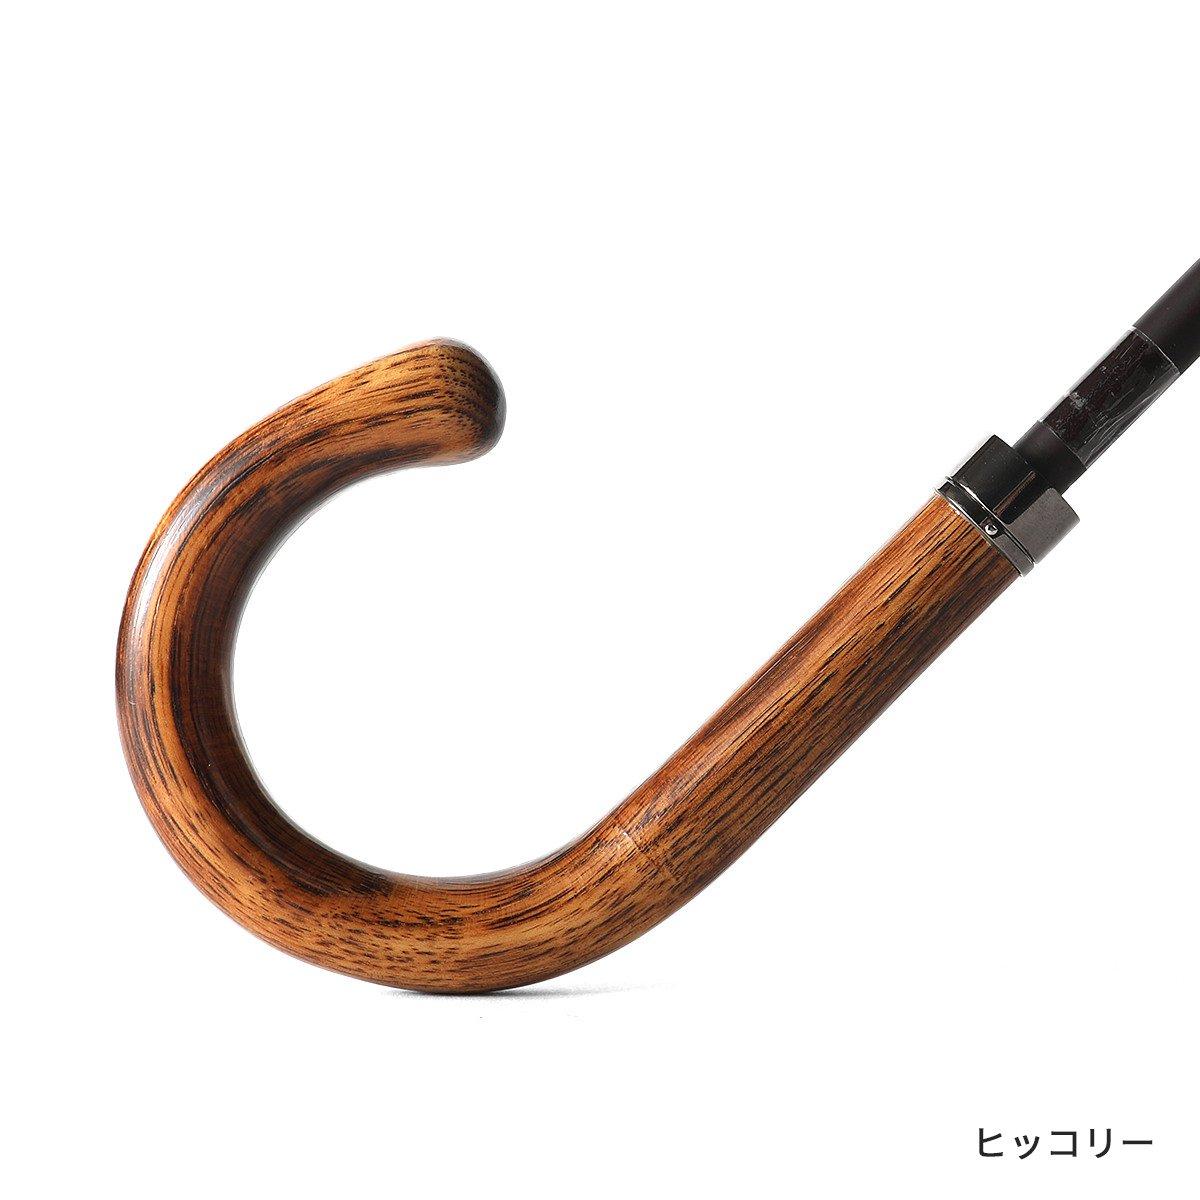 太鼓傘 - 鉄芯 詳細画像20